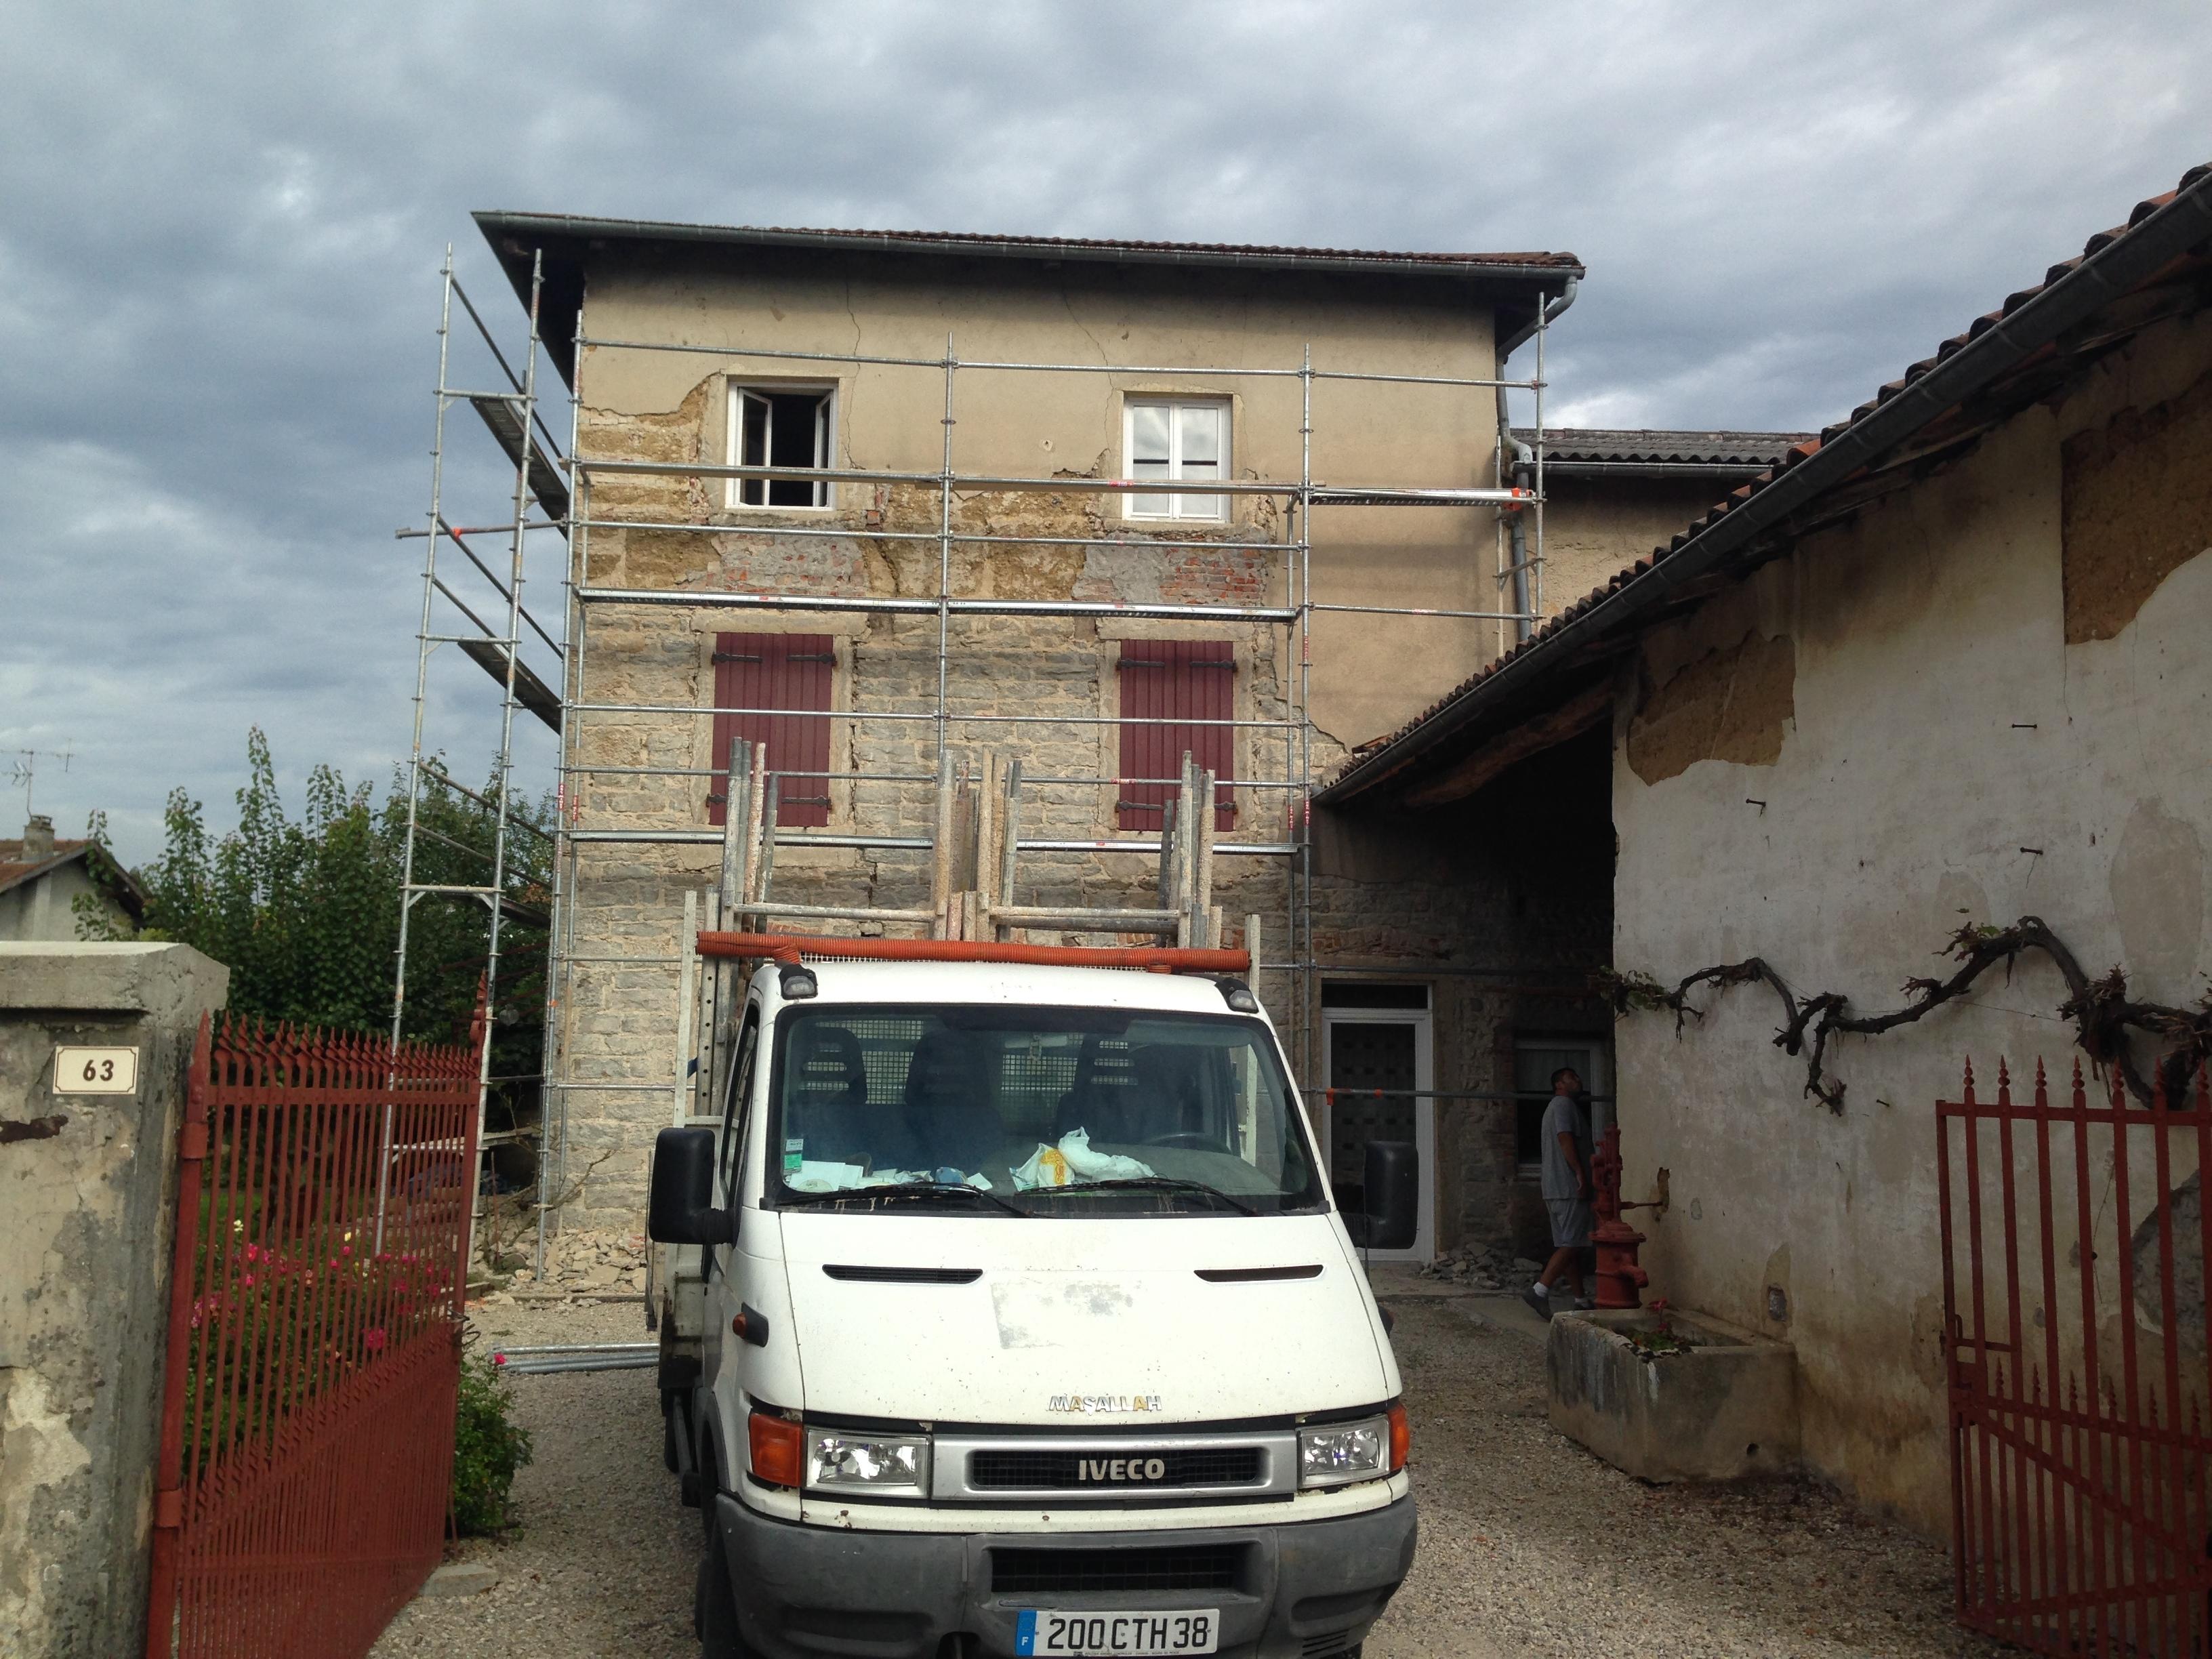 Rénovation de façade de maison en pierre dorée